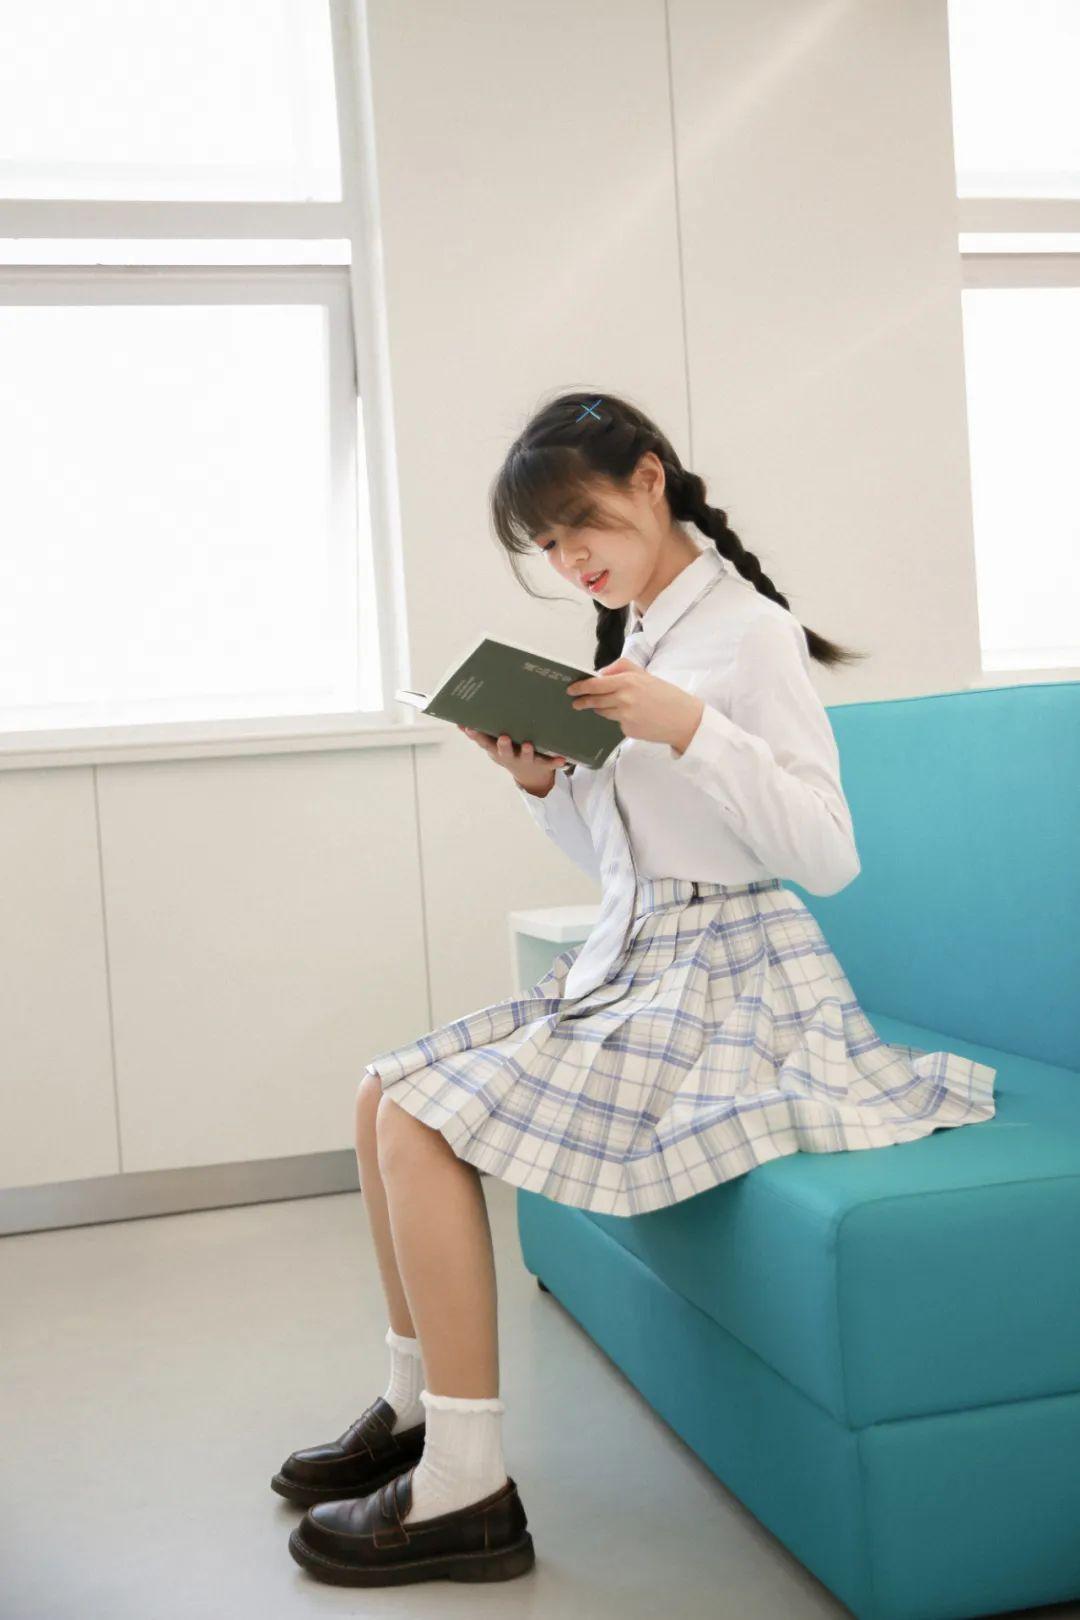 妹子摄影 – 图书馆里热爱学习的JK制服双马尾女孩_图片 No.6